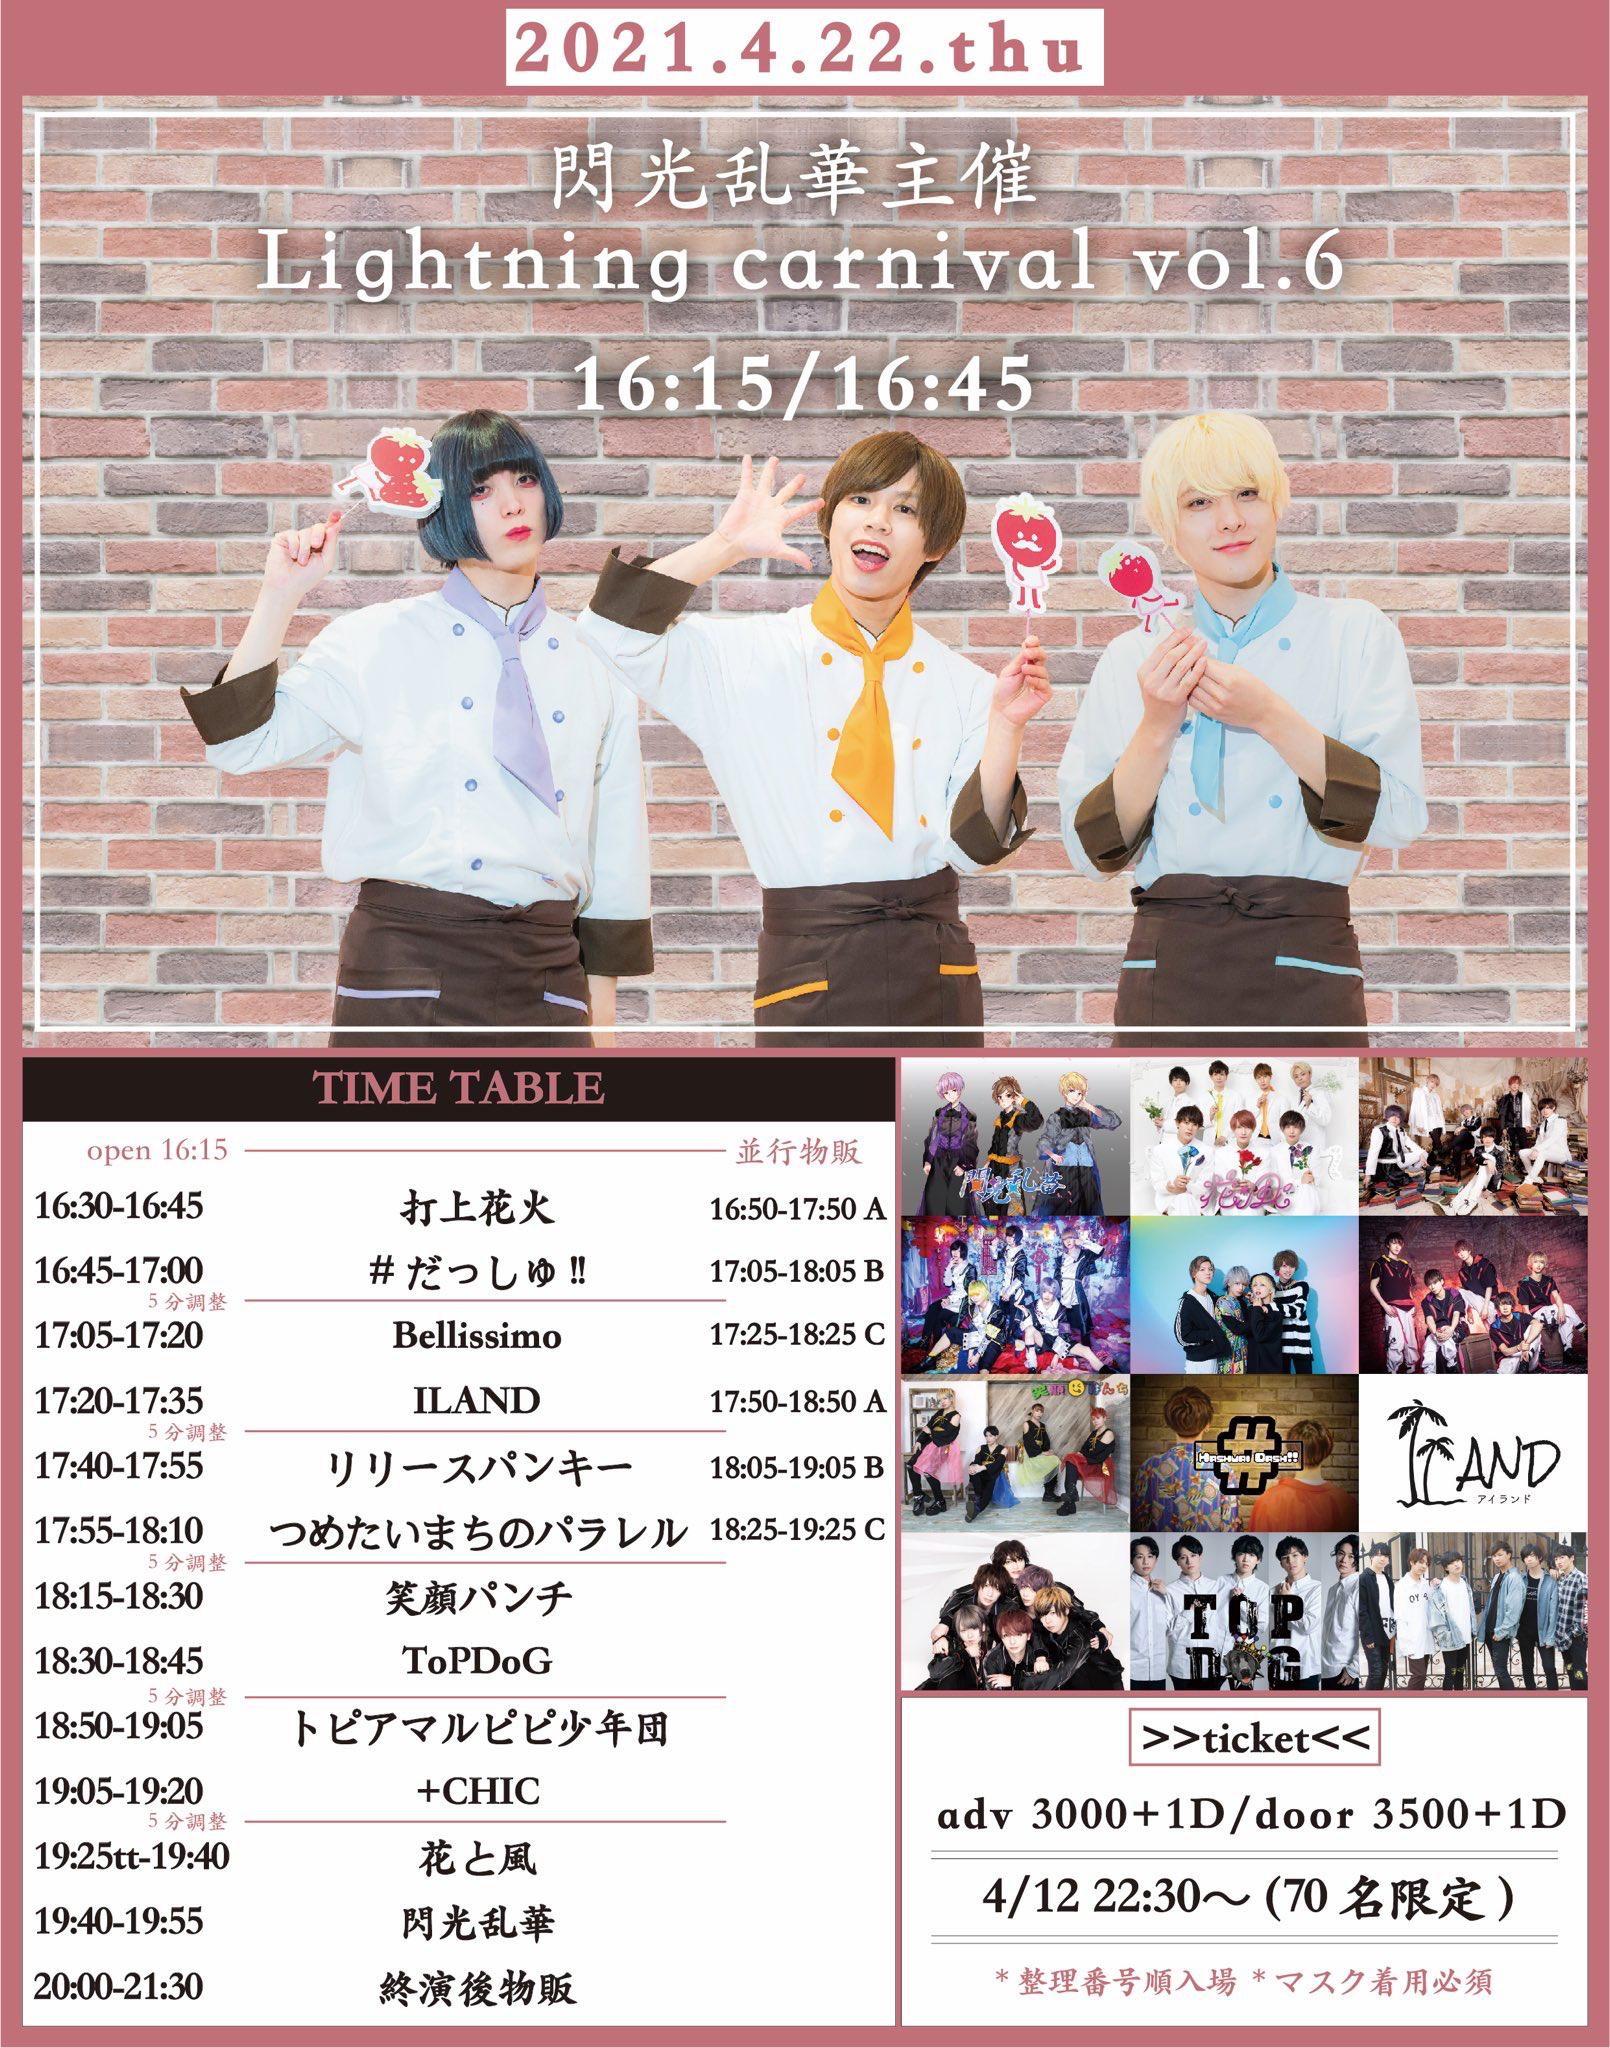 閃光乱華主催「Lightning carnival vol.6」